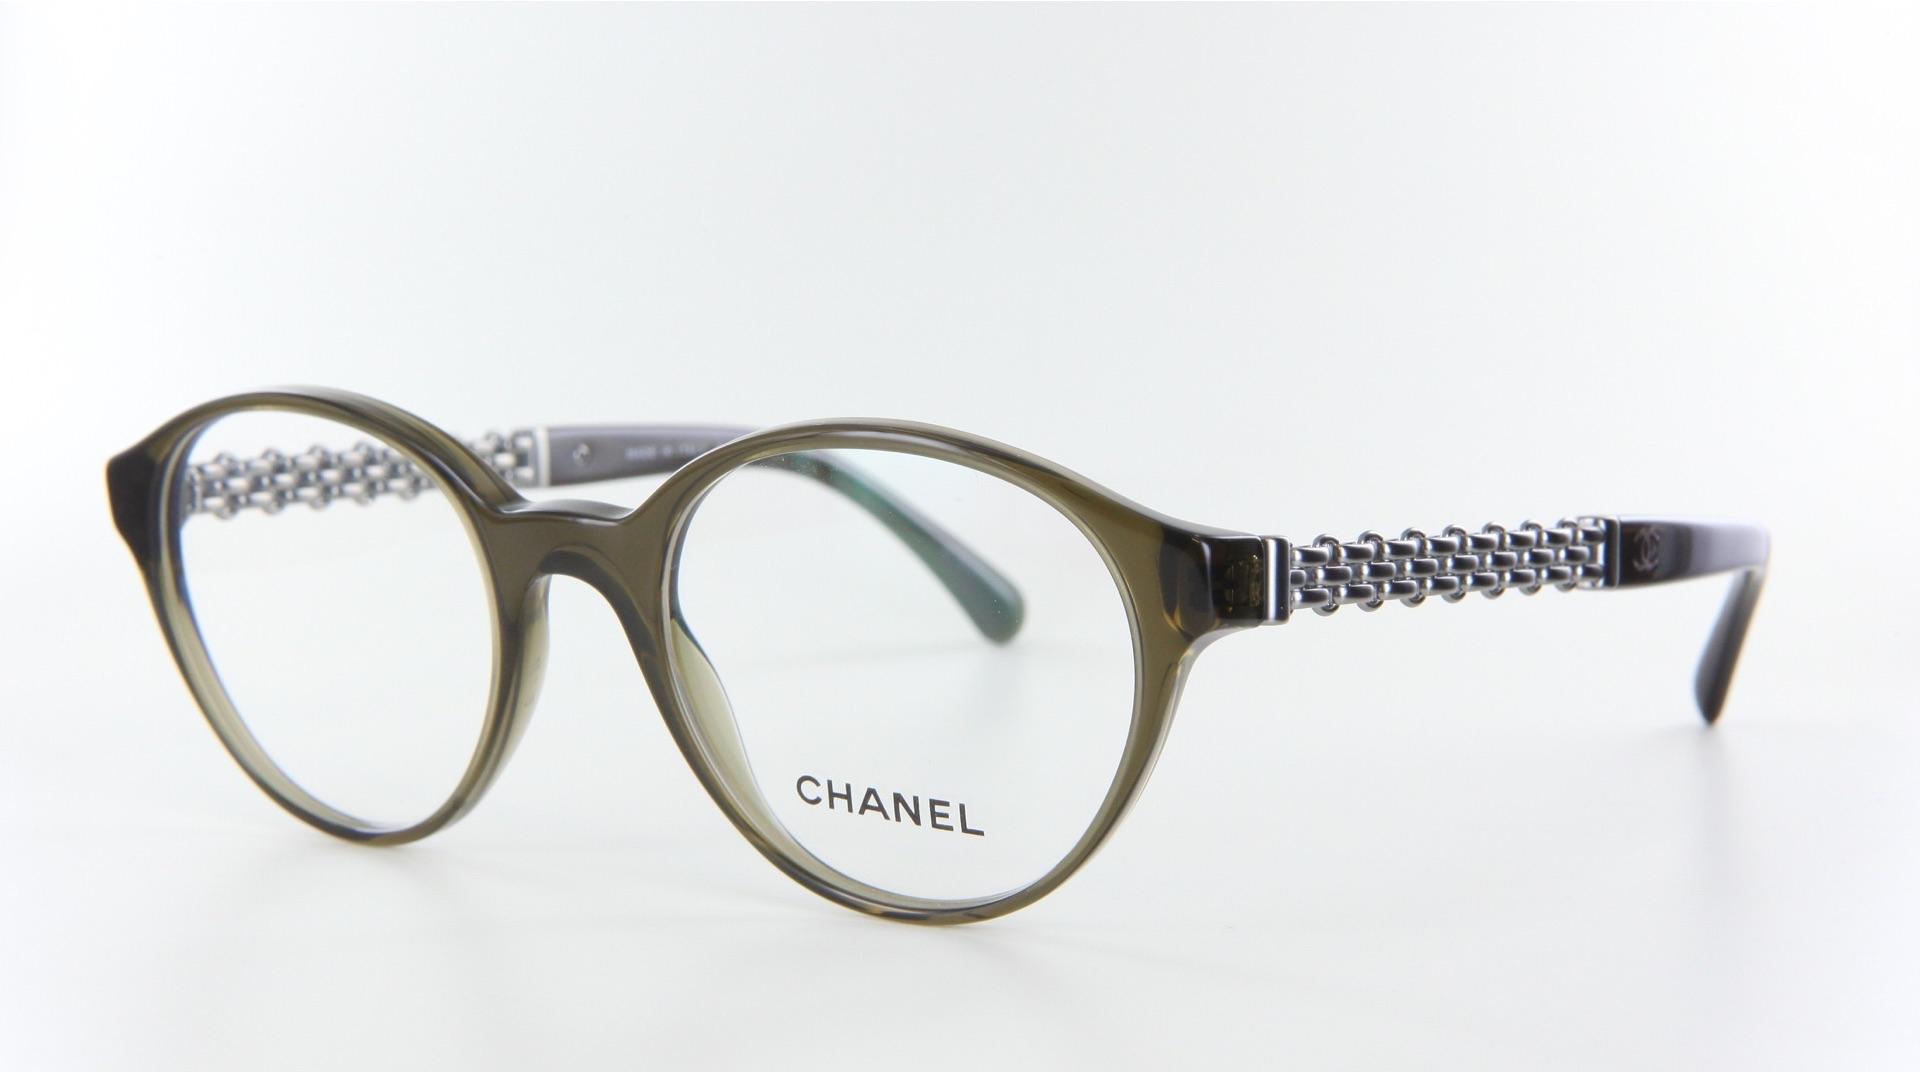 Chanel - ref: 73992